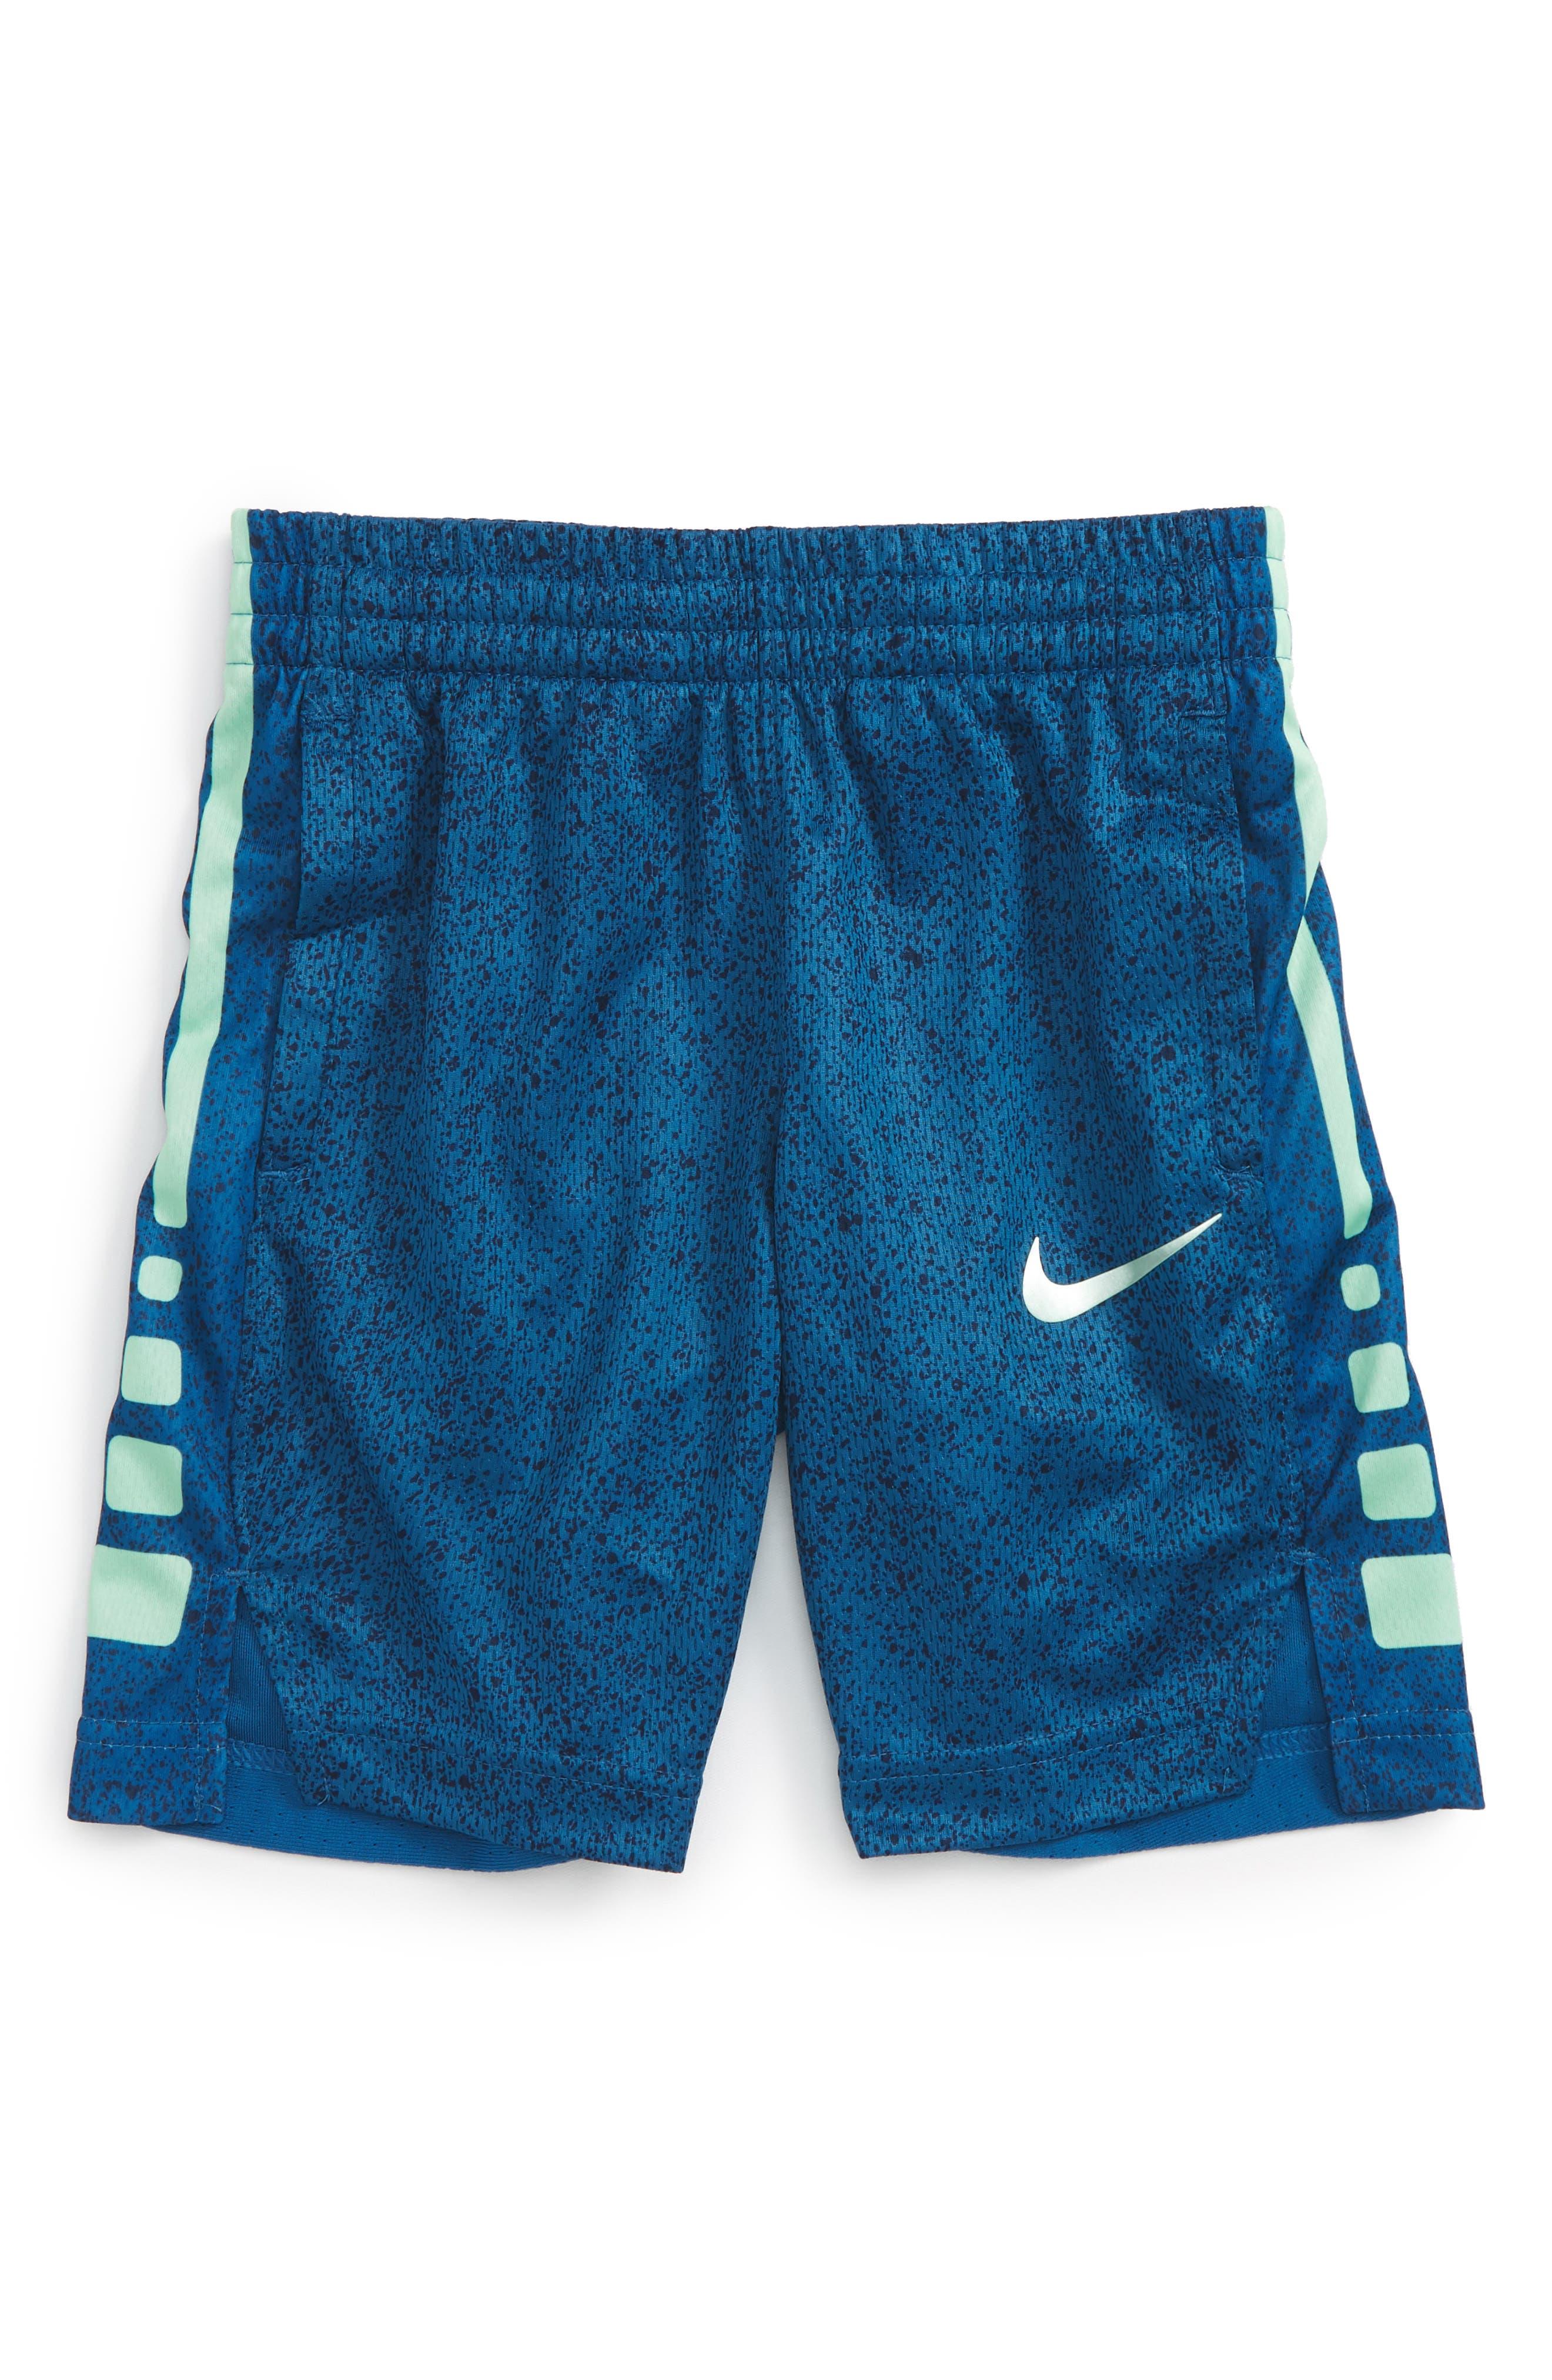 Elite Print Shorts,                         Main,                         color,